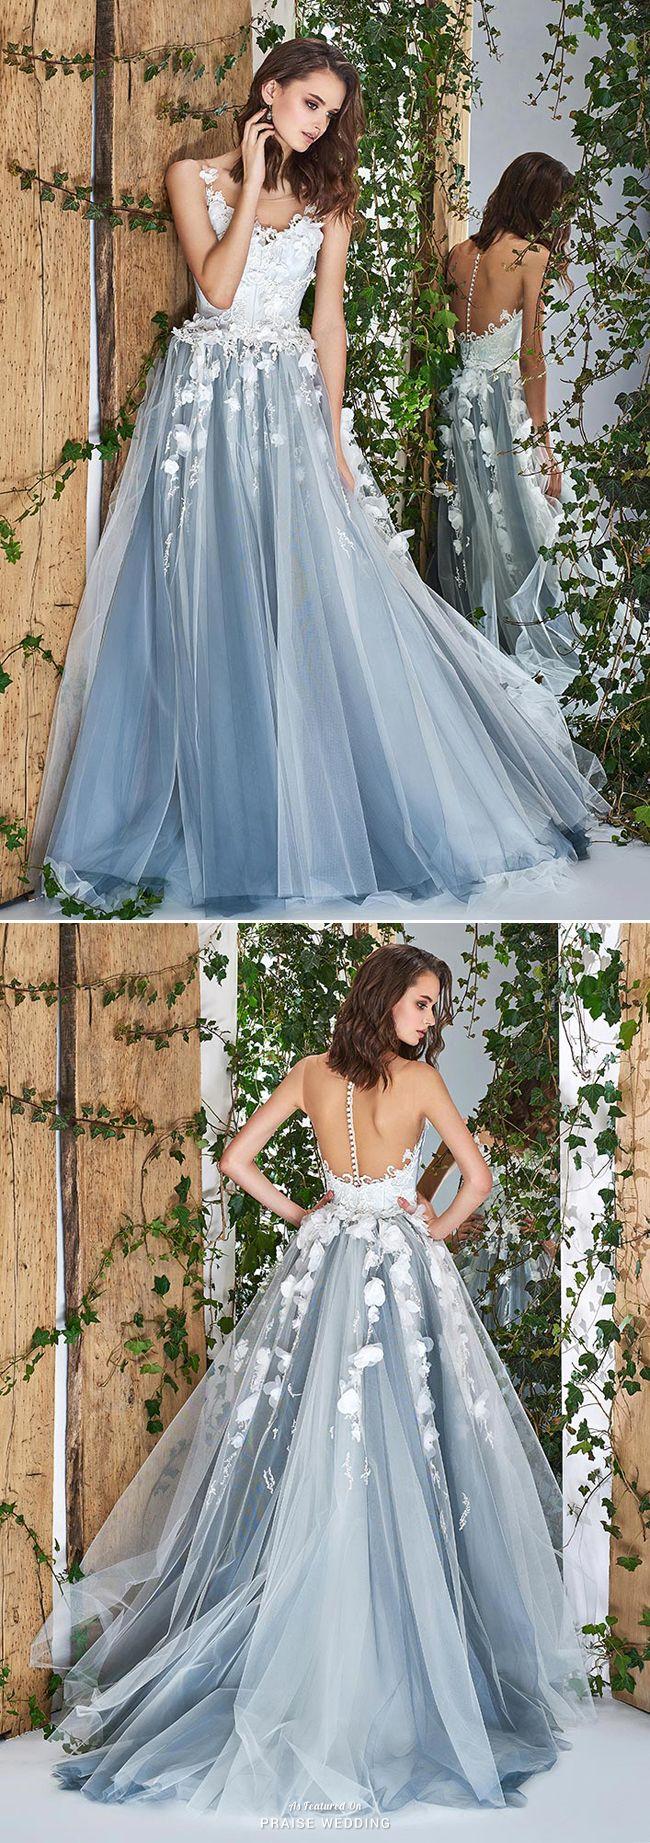 110 best princess dres images on Pinterest | Dream dress, Formal ...